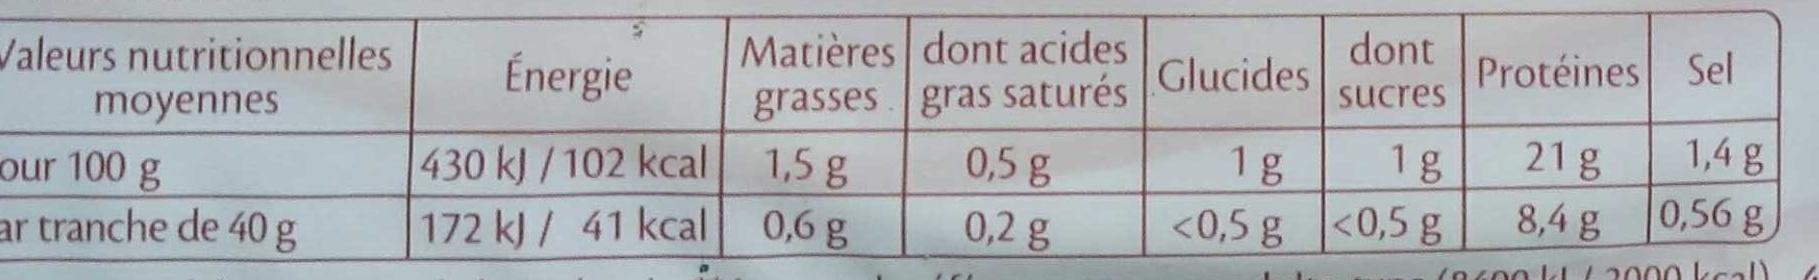 Blanc de dinde -25% de sel (4 tranches +1 gratuite) - Nutrition facts - fr